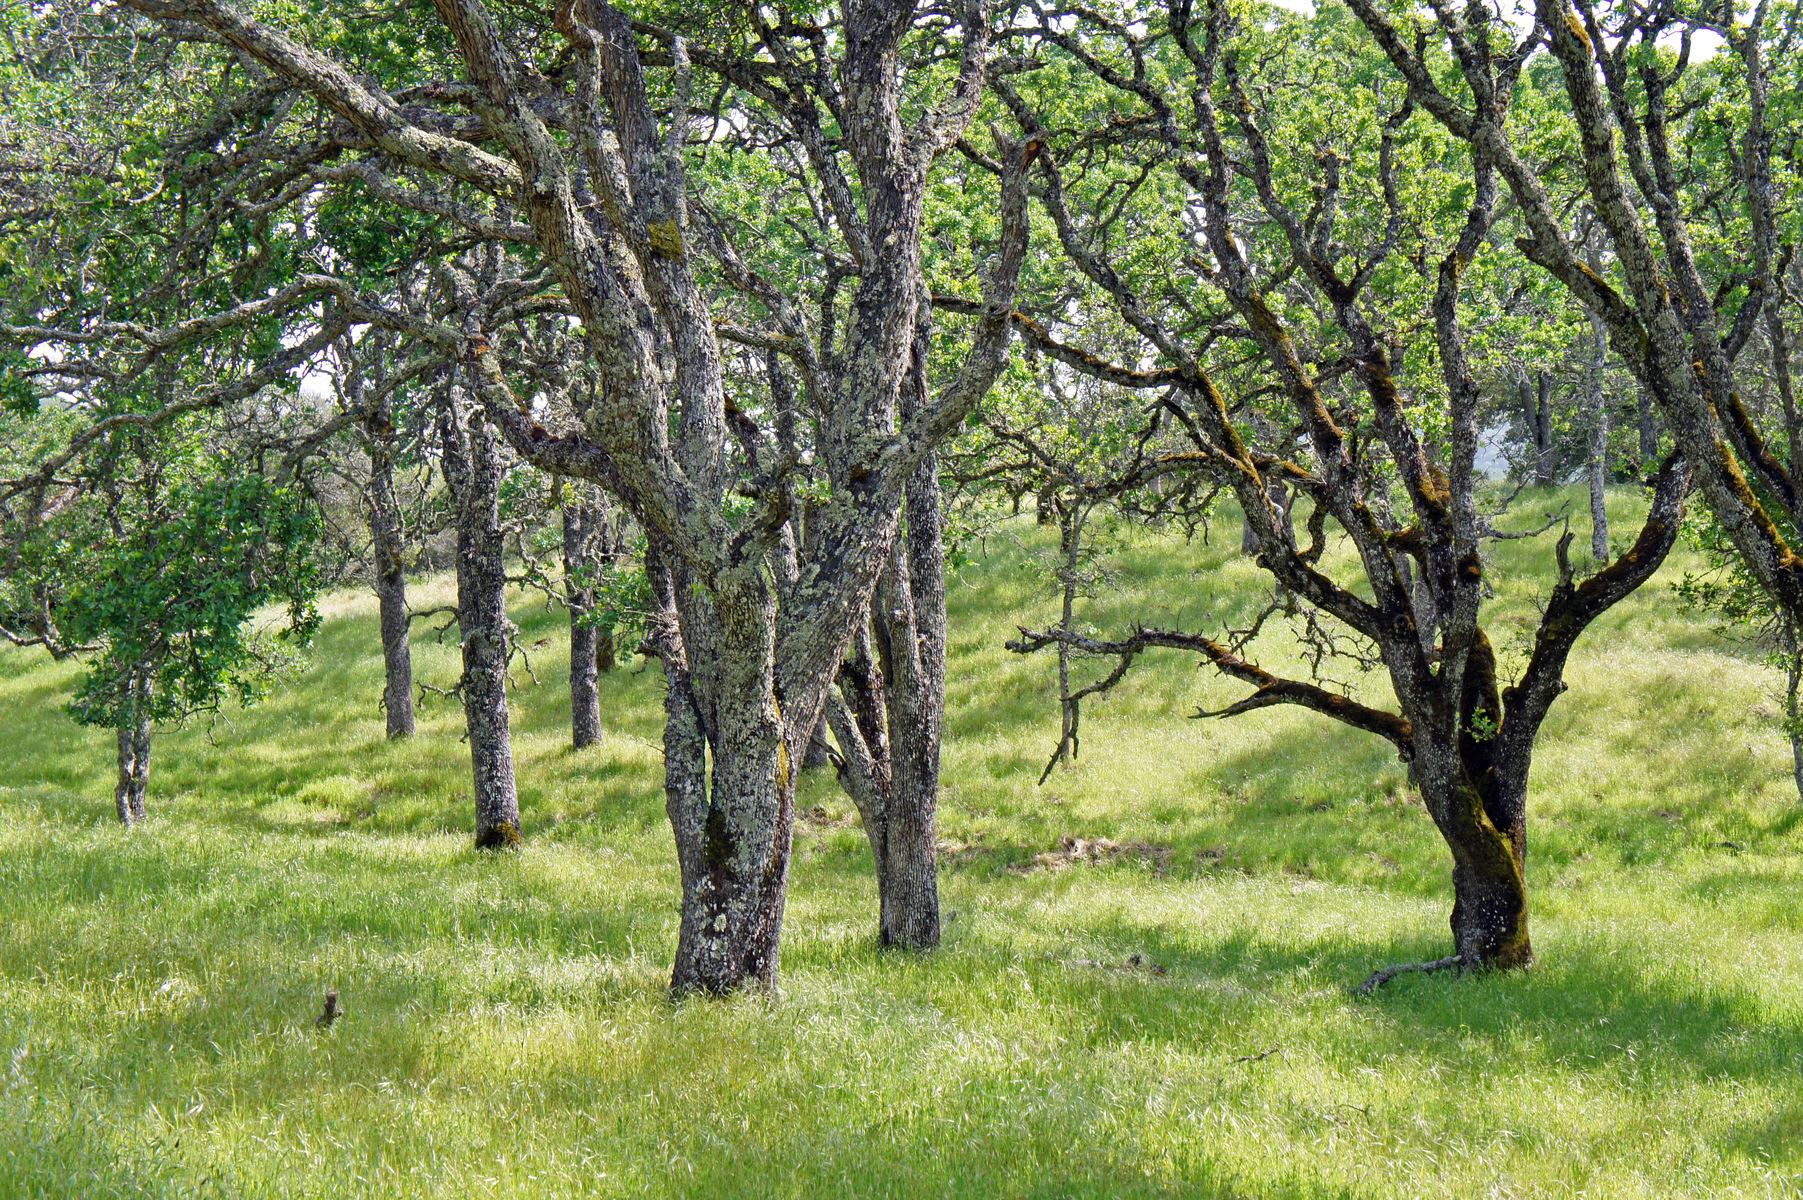 Morgan Territory, north of Livermore, California